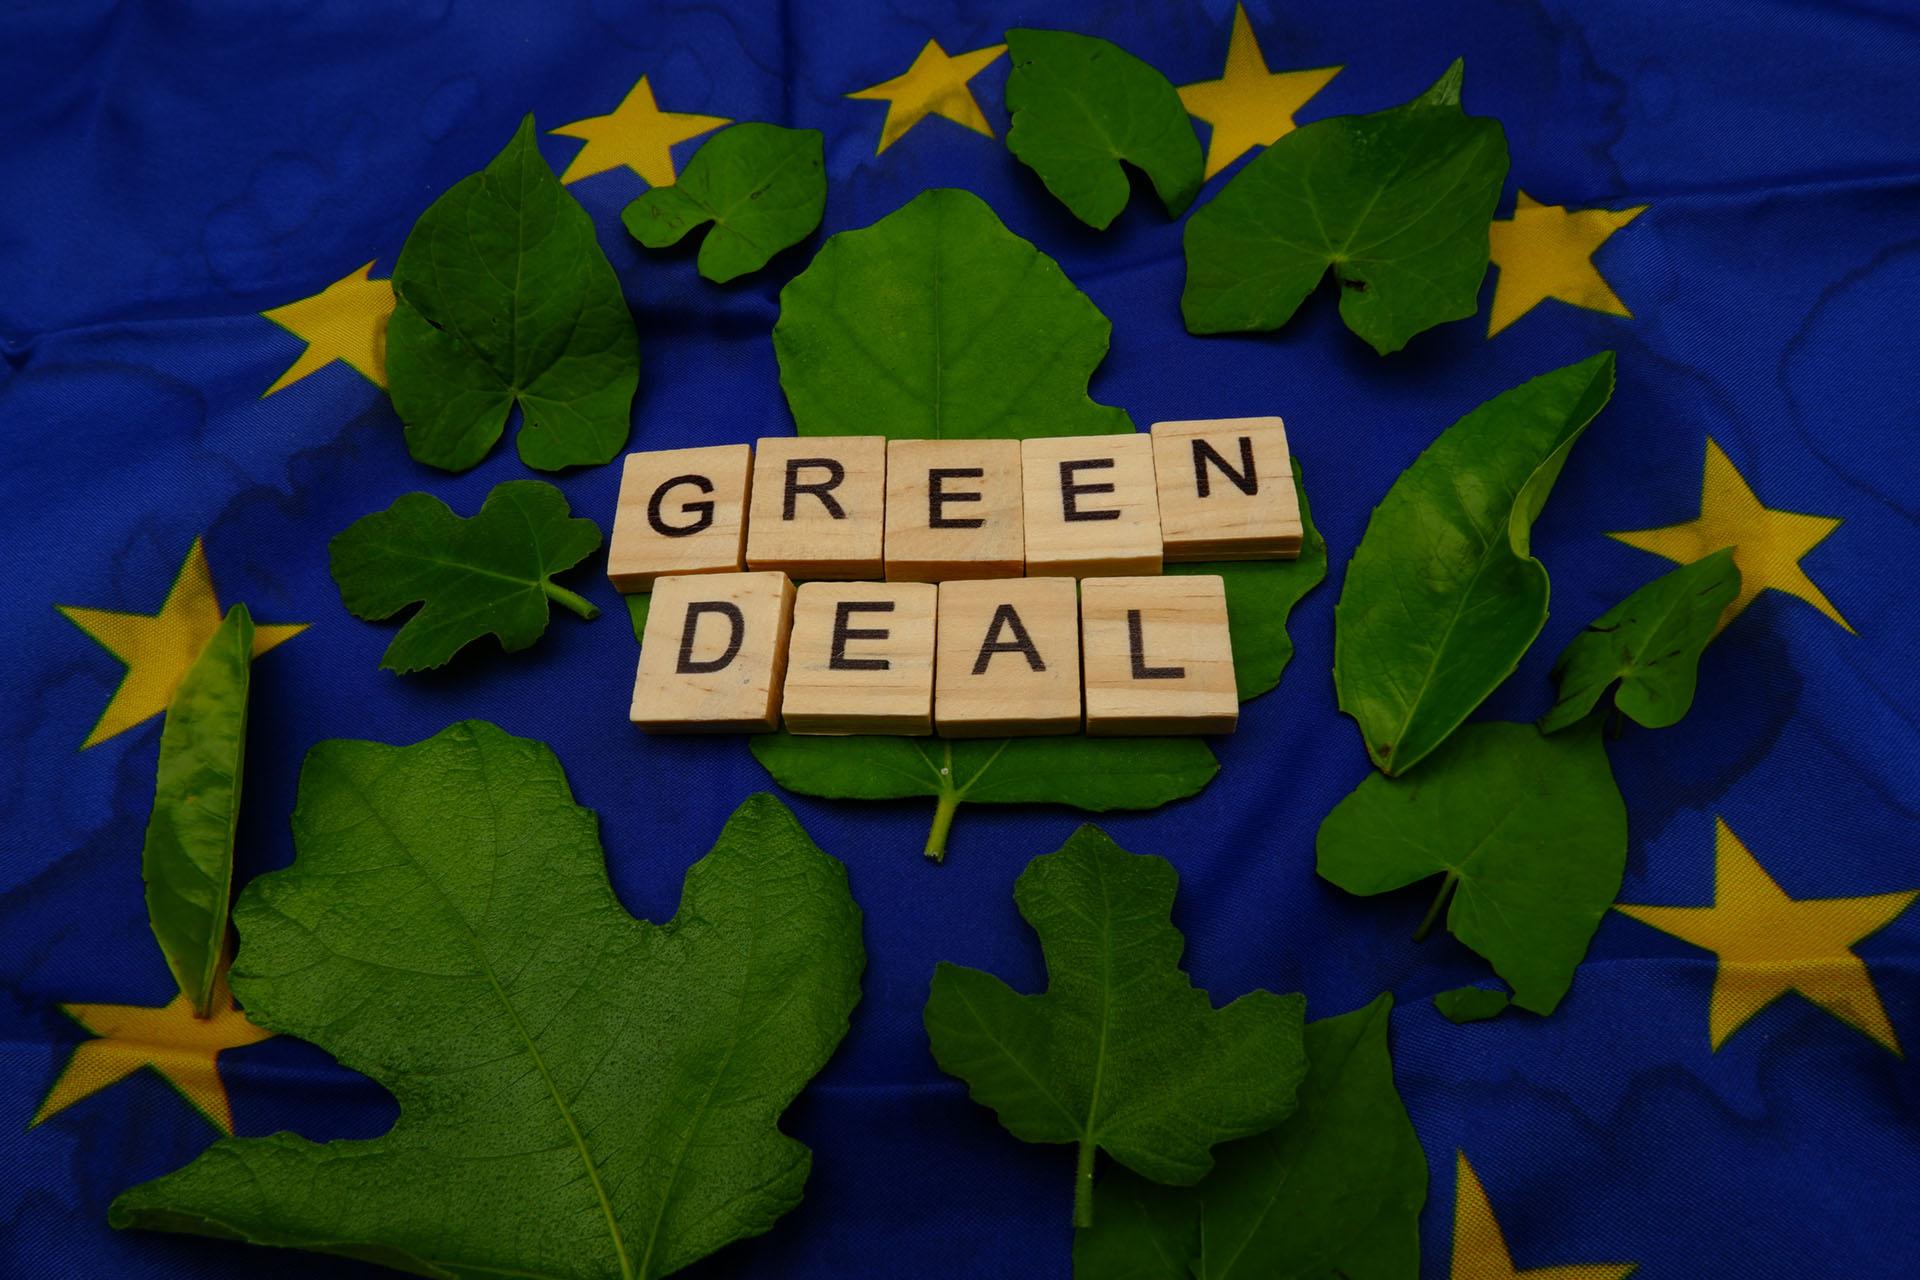 Europos Parlamentas brėžia žalią kryptį: laimėsime visi